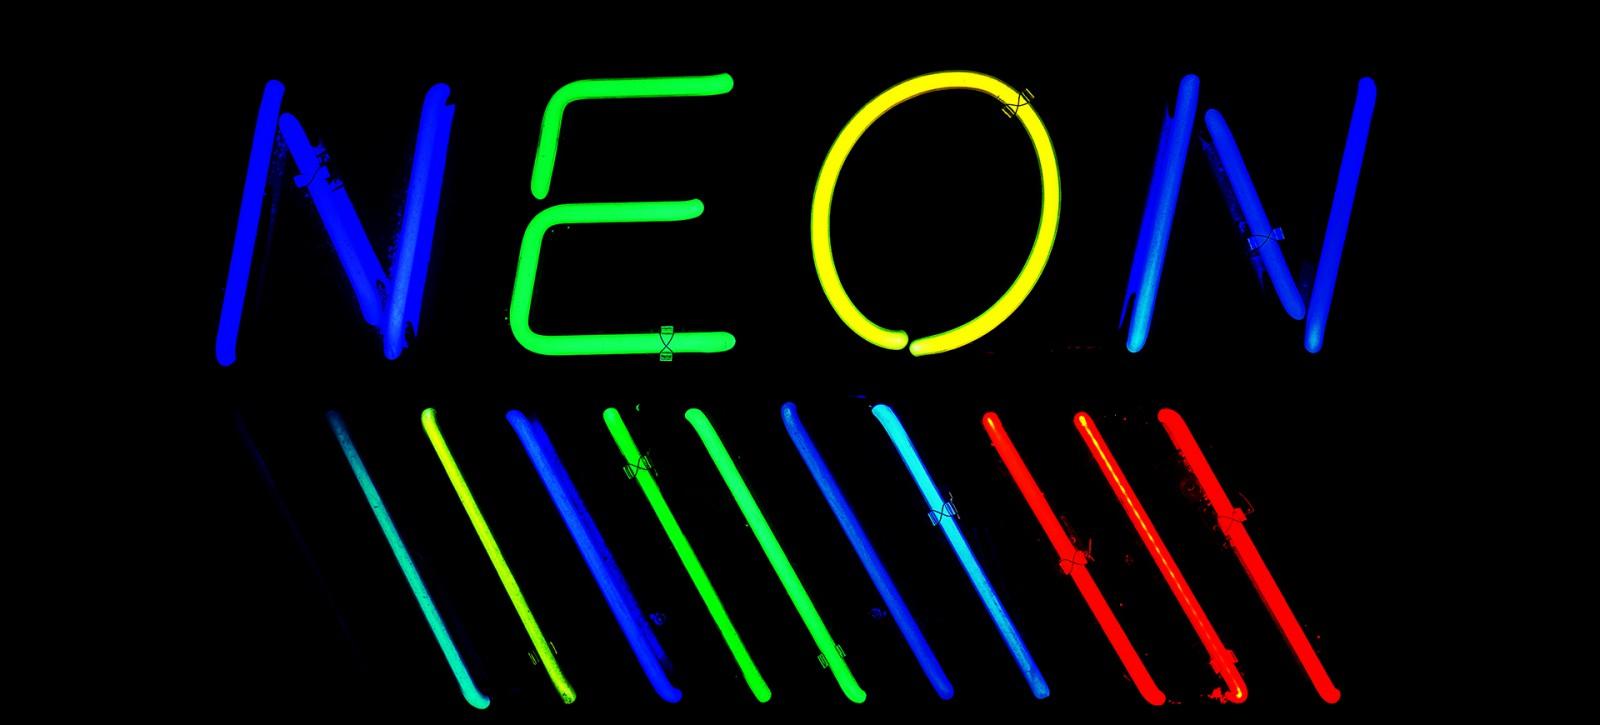 Strona A, strona B nr 02 Lśnią światła neonów